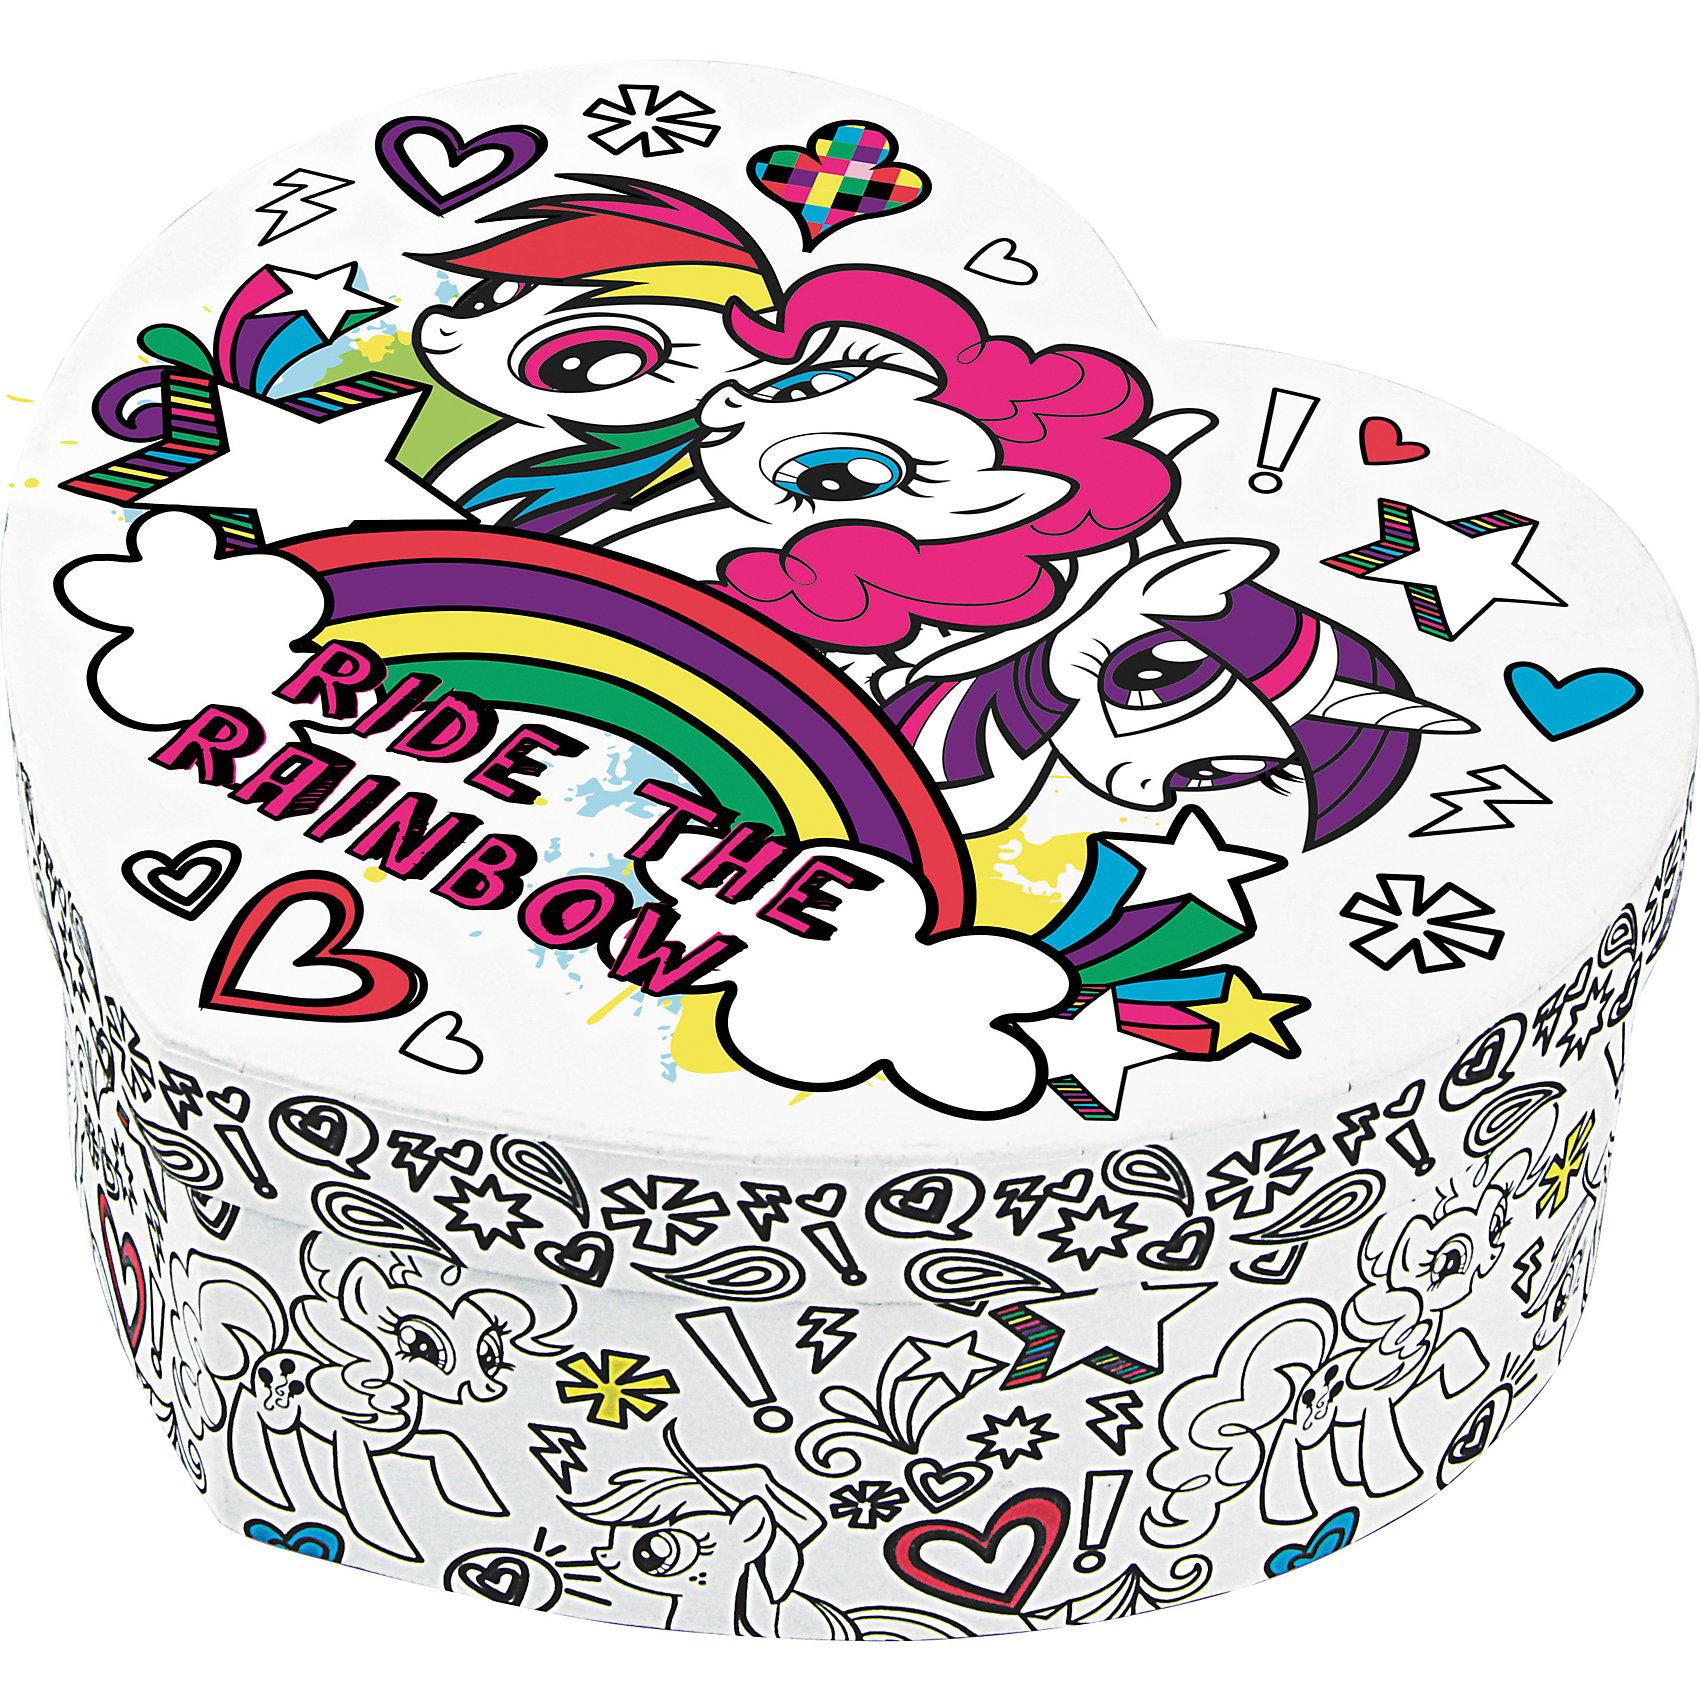 Набор для декорирования шкатулки Друзья, My Little PonyНабор для декорирования шкатулки Друзья, My Little Pony – это прекрасный набор для творчества.<br>Набор для декорирования шкатулки «Друзья» My Little Pony несомненно привлечет внимание вашей малышки. В комплекте есть красивая картонная шкатулка в форме сердца, которая украшена изображением маленьких пони и надписью на английском языке «Верхом на радуге». Часть рисунка не раскрашена, и раскрасить ее ребенку предстоит самостоятельно. Для этого в наборе есть комплект ярких и безопасных фломастеров. Дополнят декор шкатулки красивые пластиковые стразы. После завершения творческого процесса шкатулку можно будет использовать по назначению. Девочке будет приятно хранить в ней разные ценности и украшения.<br><br>Дополнительная информация:<br><br>- В наборе: шкатулка с контурным рисунком, стразы-наклейки, 7 фломастеров<br>- Размер упаковки: 15 х 6 х 13 см.<br>- Вес: 104 гр.<br><br>Набор для декорирования шкатулки Друзья, My Little Pony можно купить в нашем интернет-магазине.<br><br>Ширина мм: 150<br>Глубина мм: 60<br>Высота мм: 130<br>Вес г: 104<br>Возраст от месяцев: 36<br>Возраст до месяцев: 96<br>Пол: Женский<br>Возраст: Детский<br>SKU: 4319547